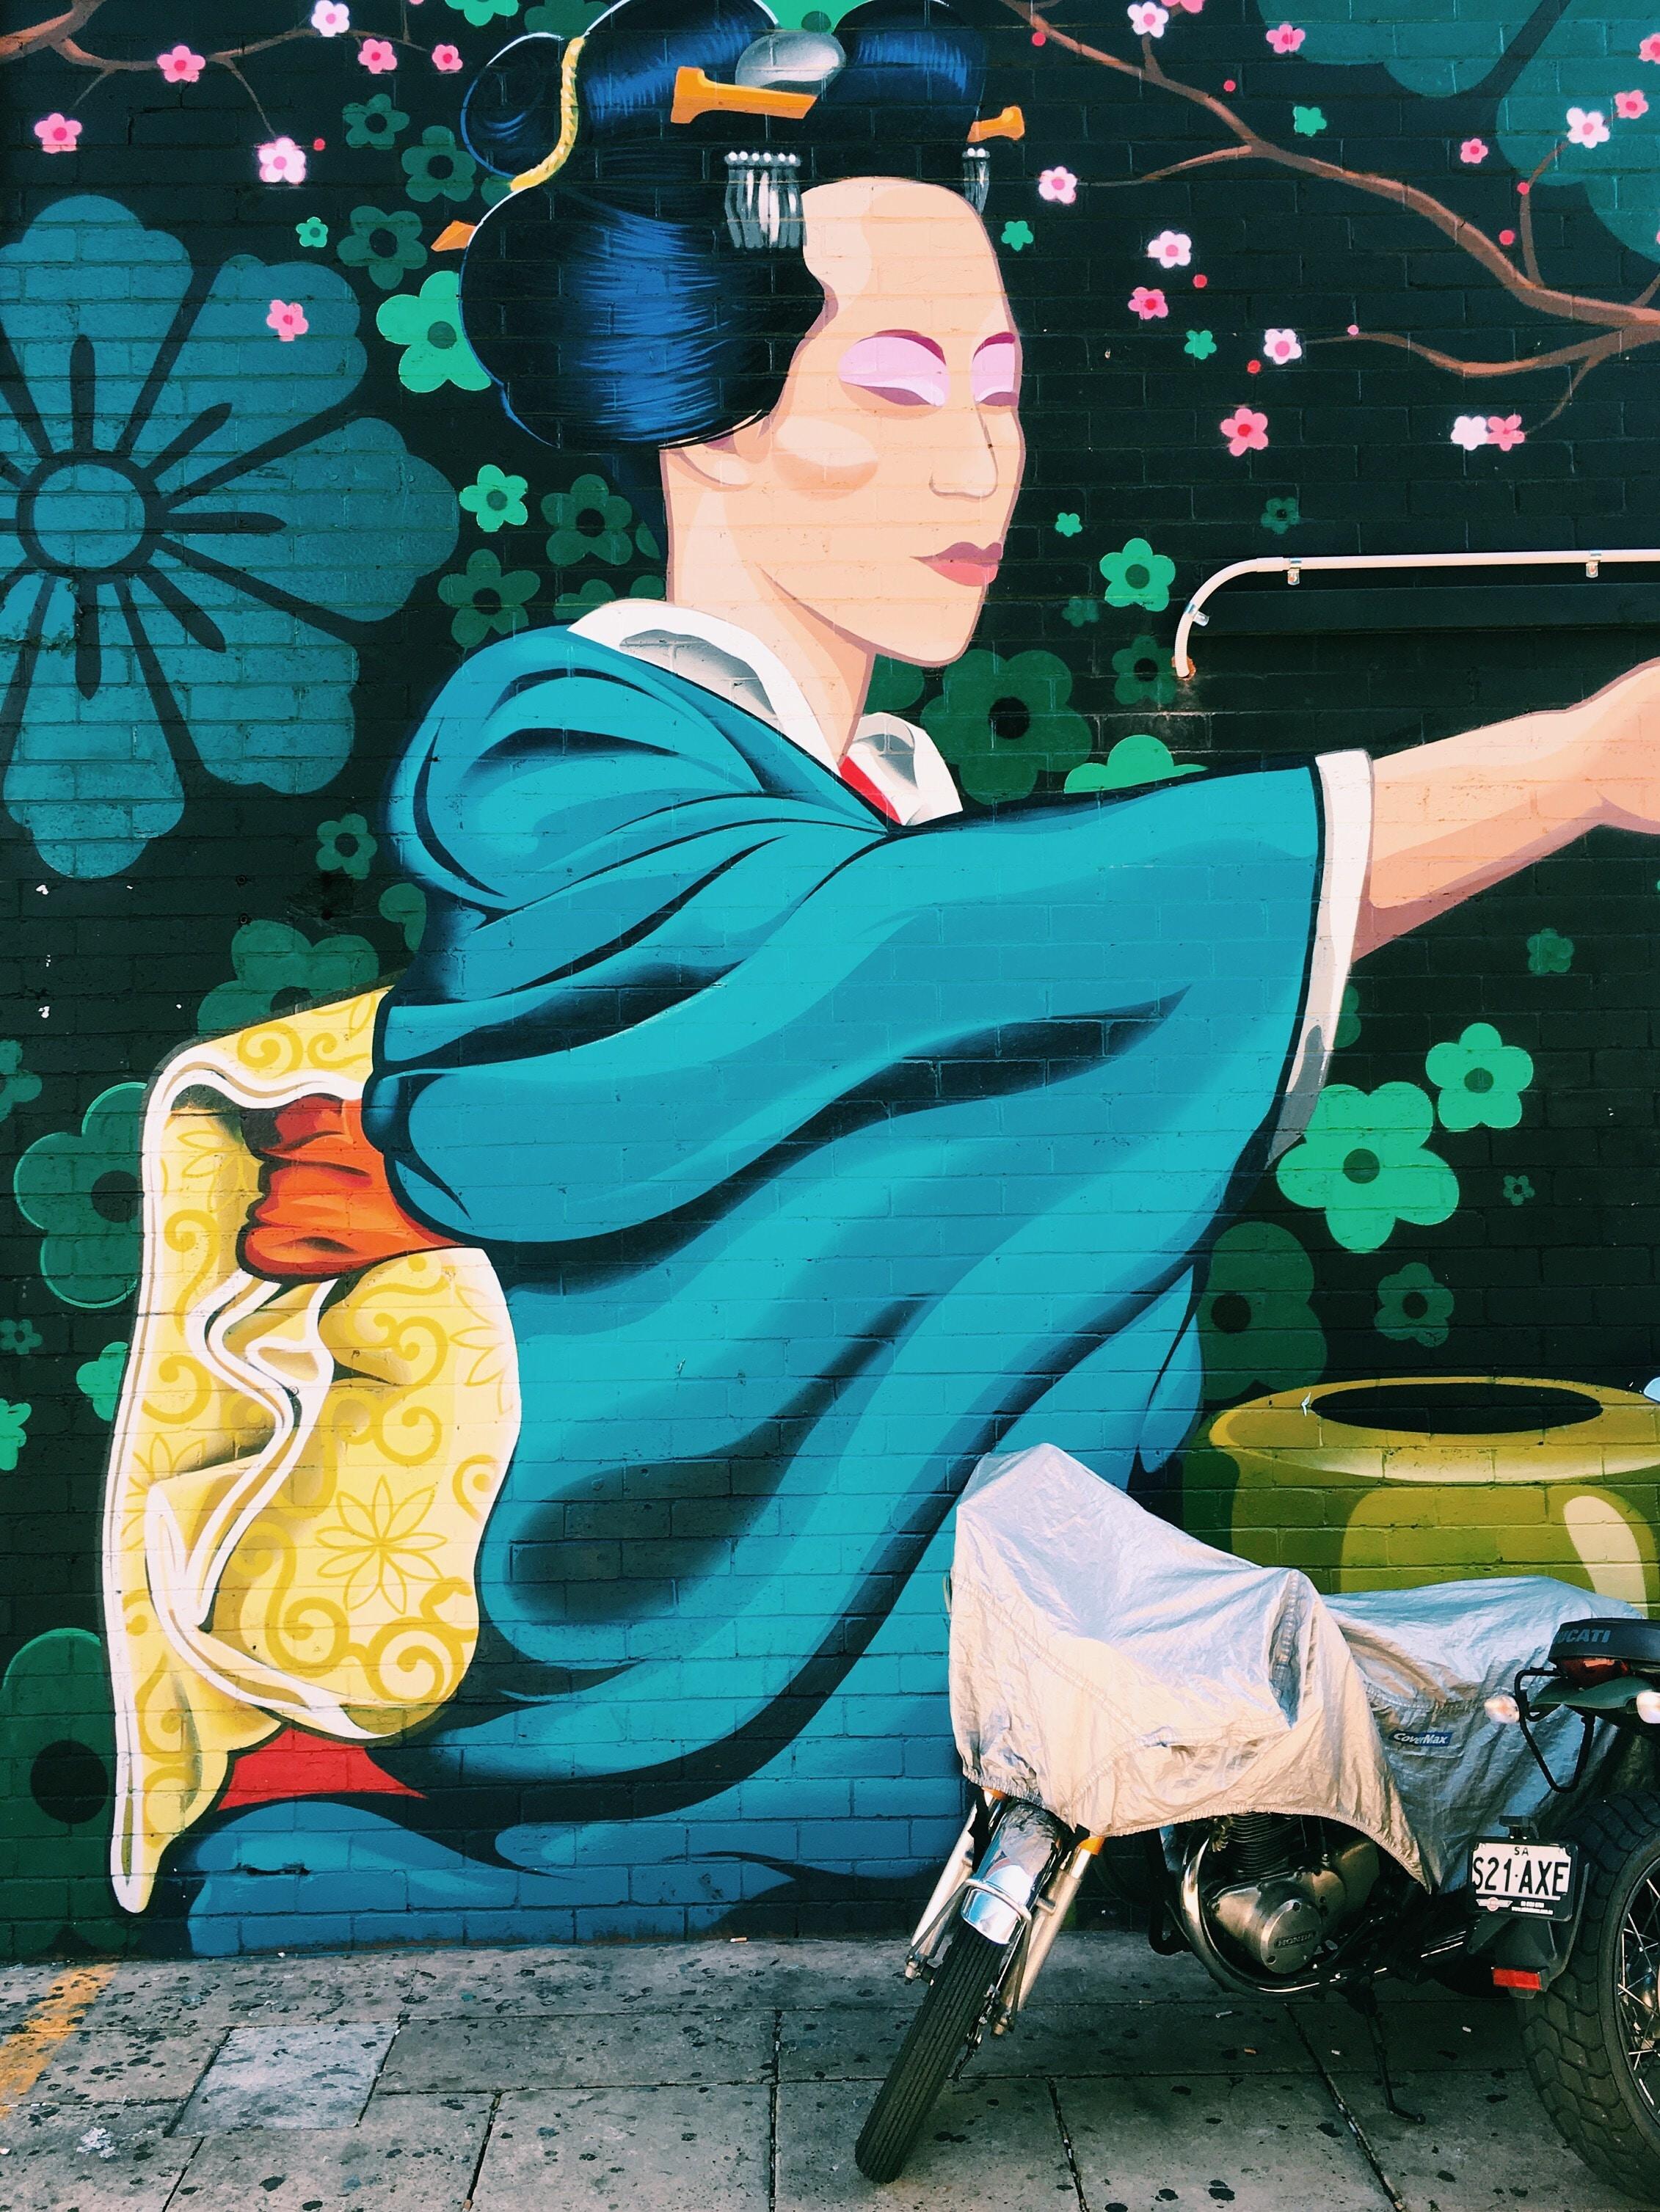 graffiti art of geisha